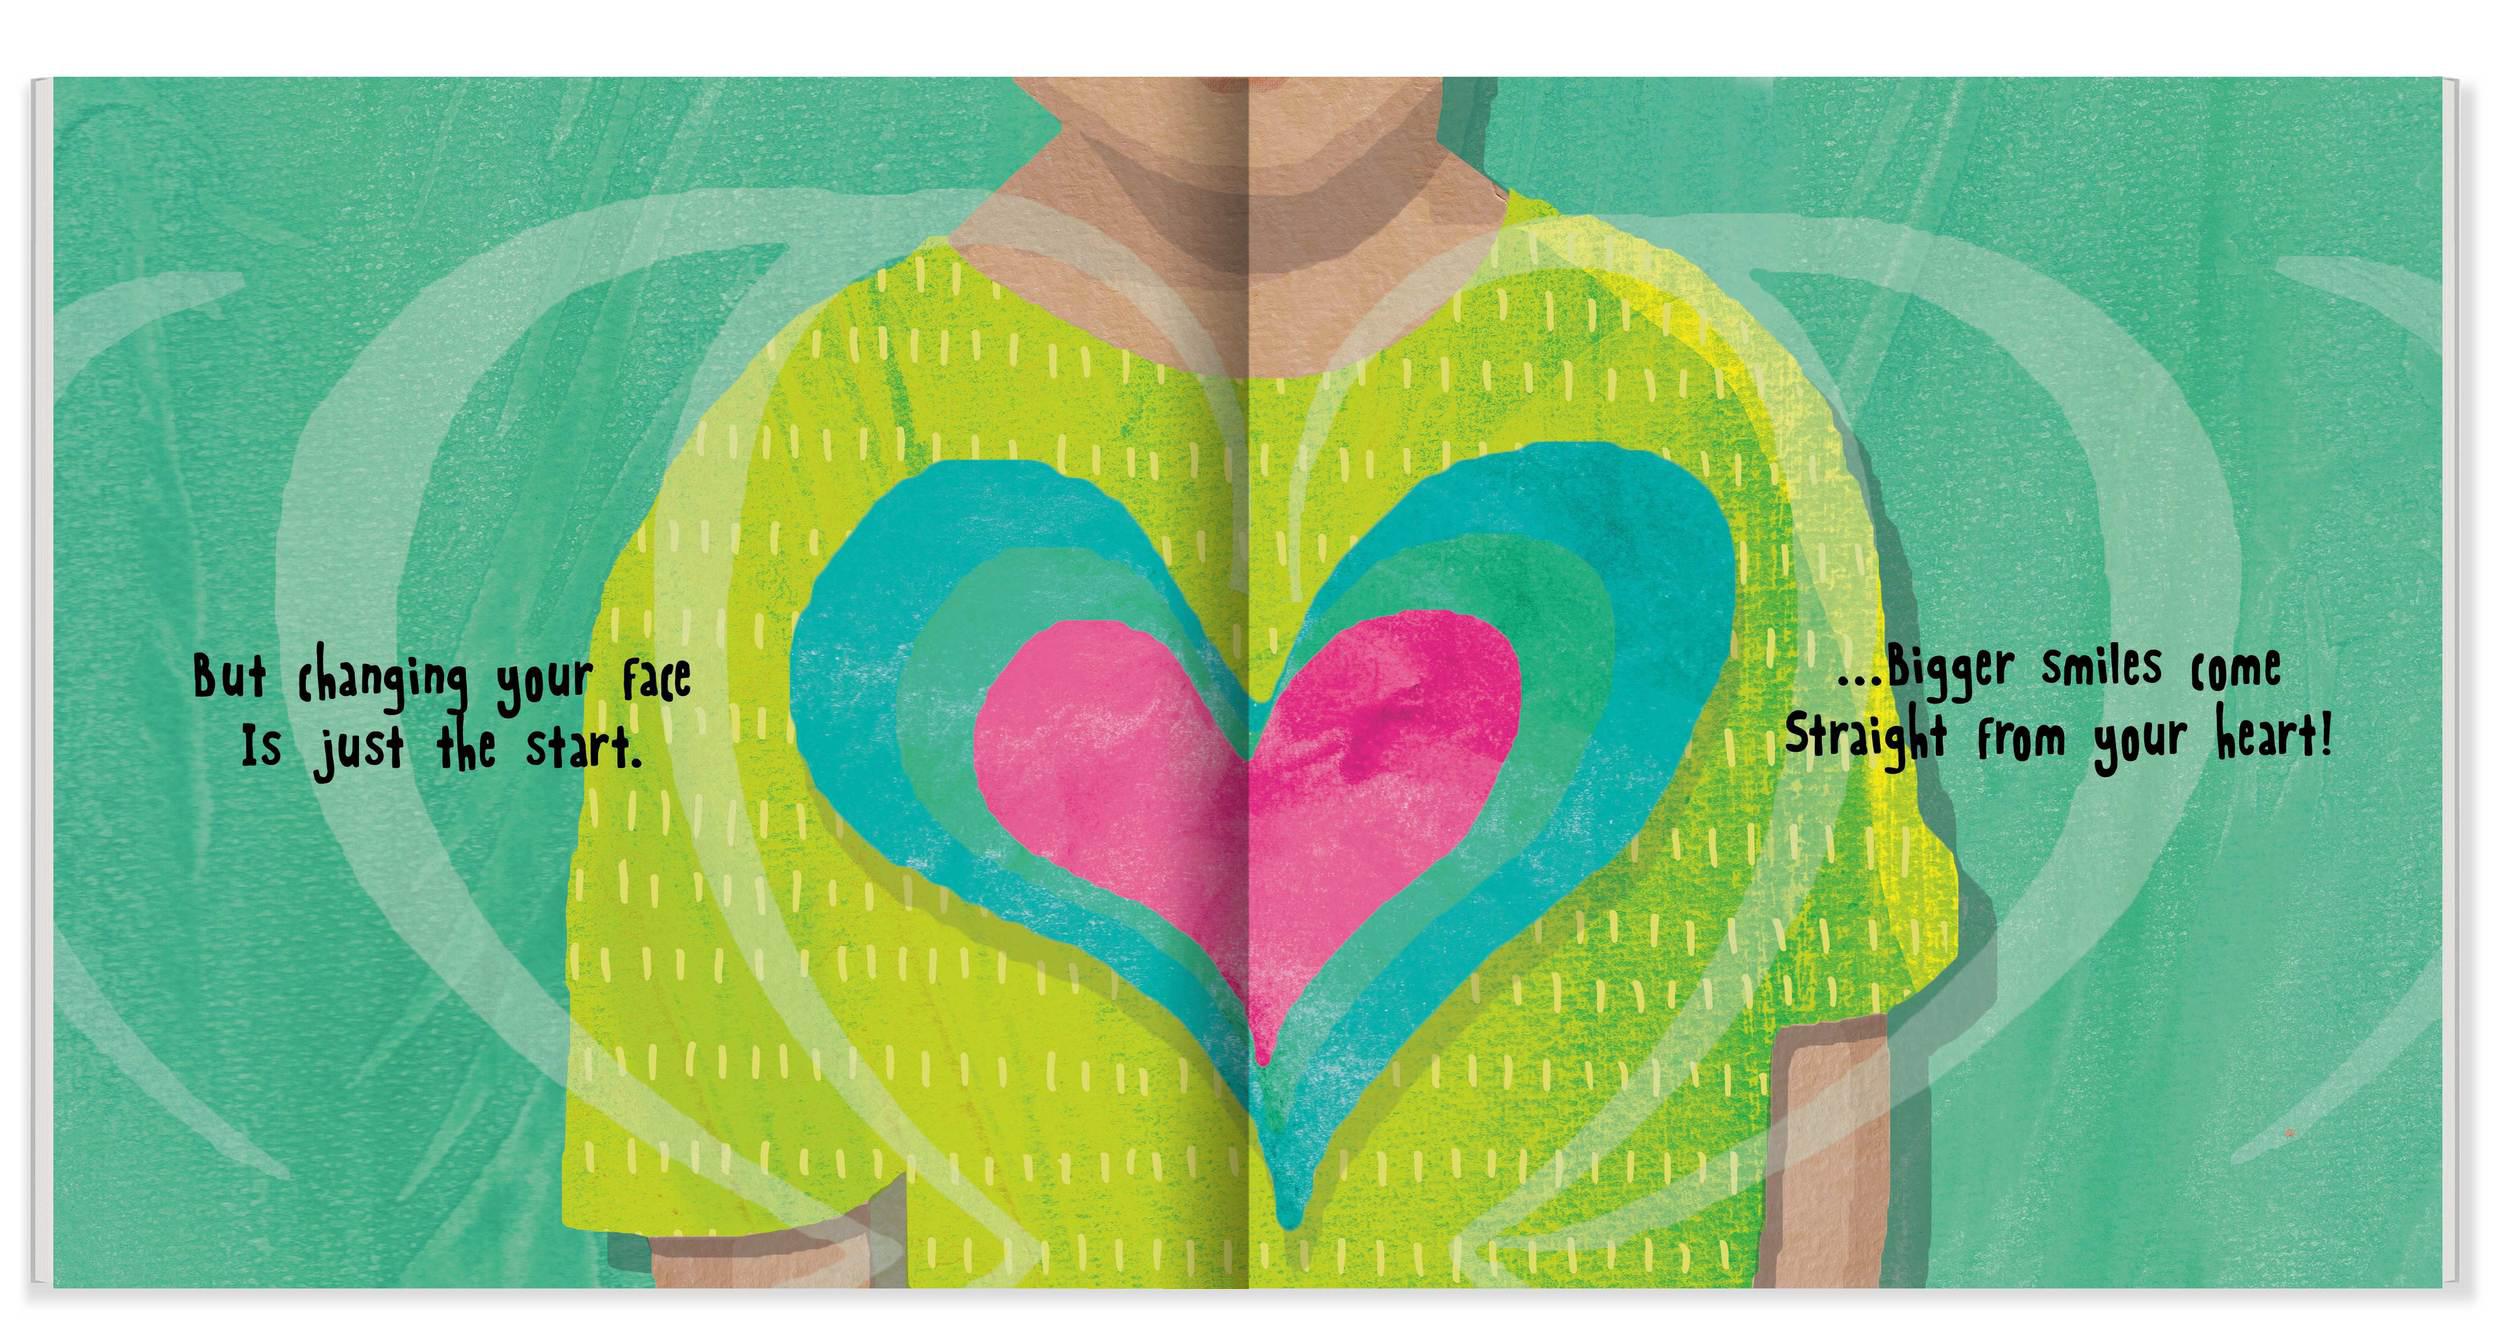 alex-wallman-our-mirror-book-14.jpg